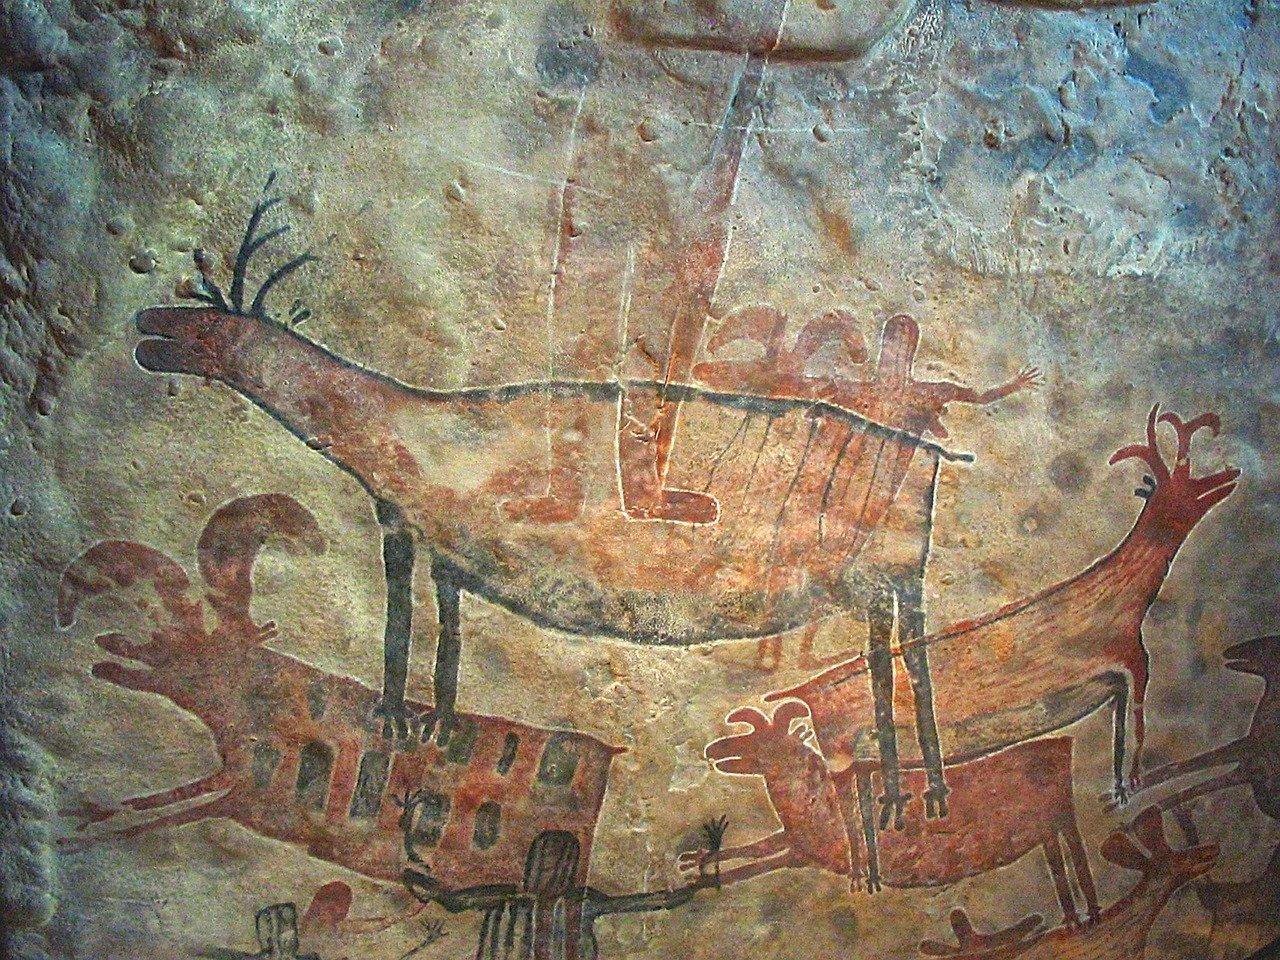 Las pinturas rupestres más antiguas del mundo se deterioran por el cambio climático